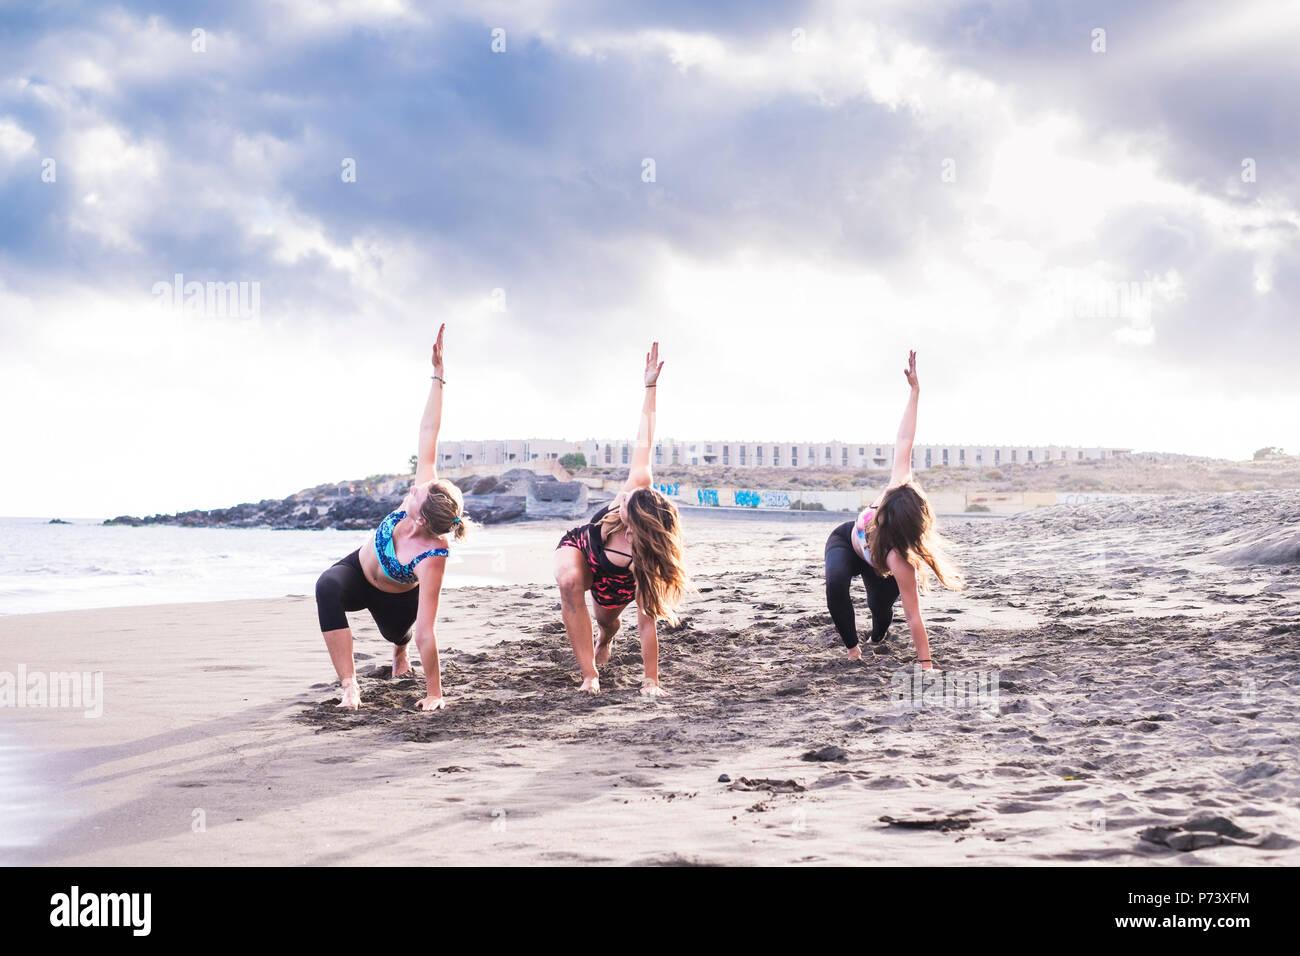 Groupe de trois personnes women friends faire des exercices d'équilibre et de force comme le yoga et pilates sur la plage de sable et de la côte. lieu pittoresque au cours de beauti Banque D'Images